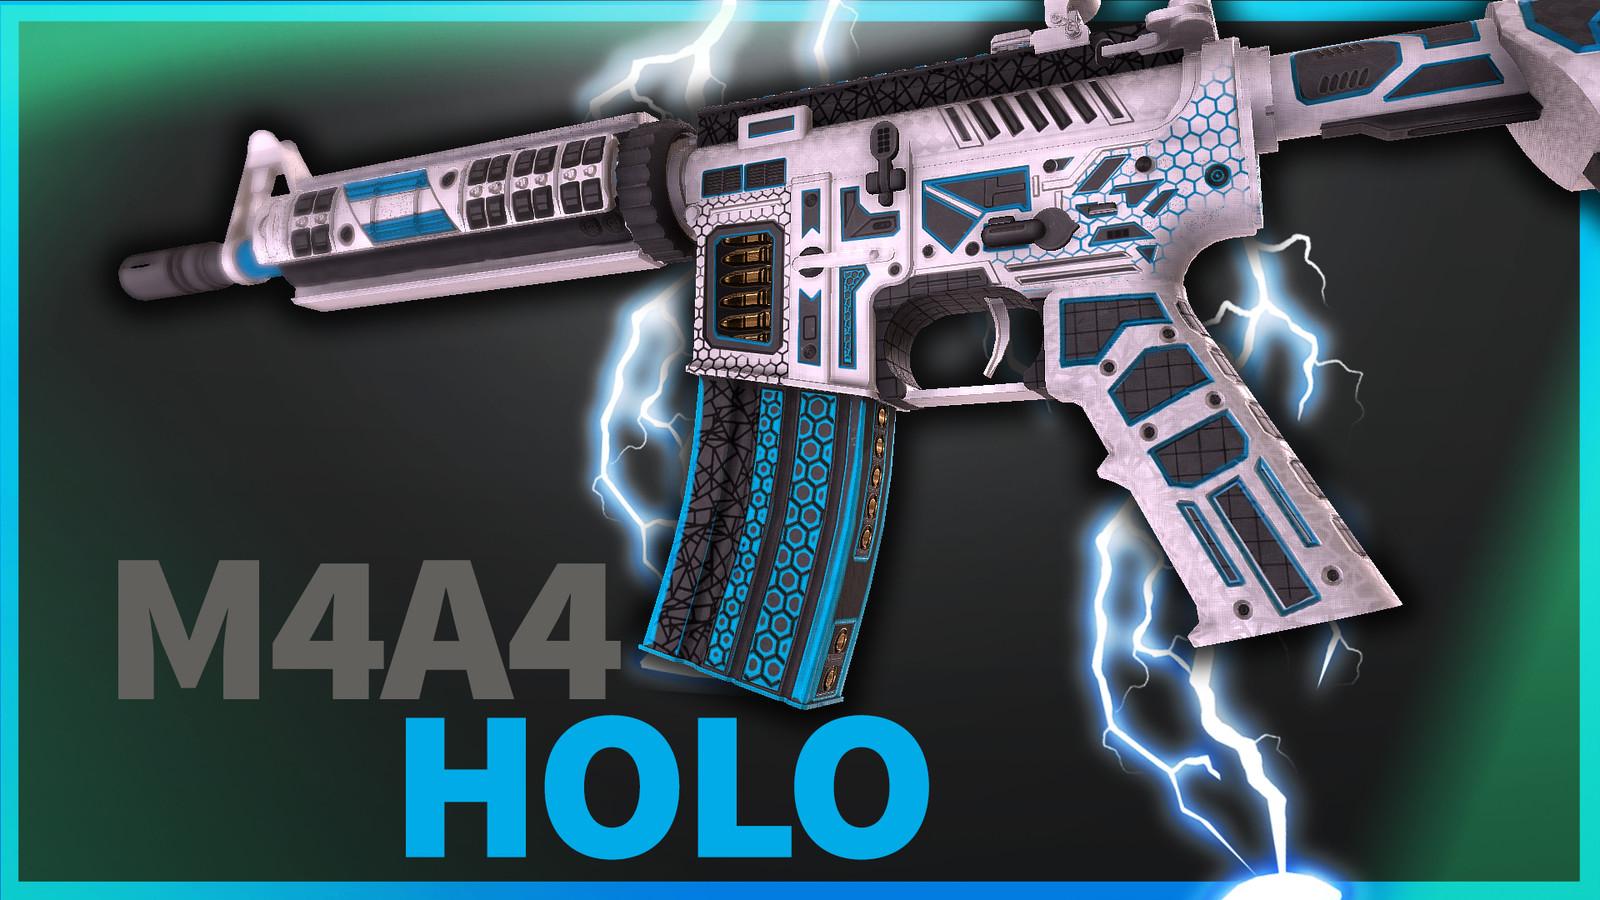 M4A4 Holo